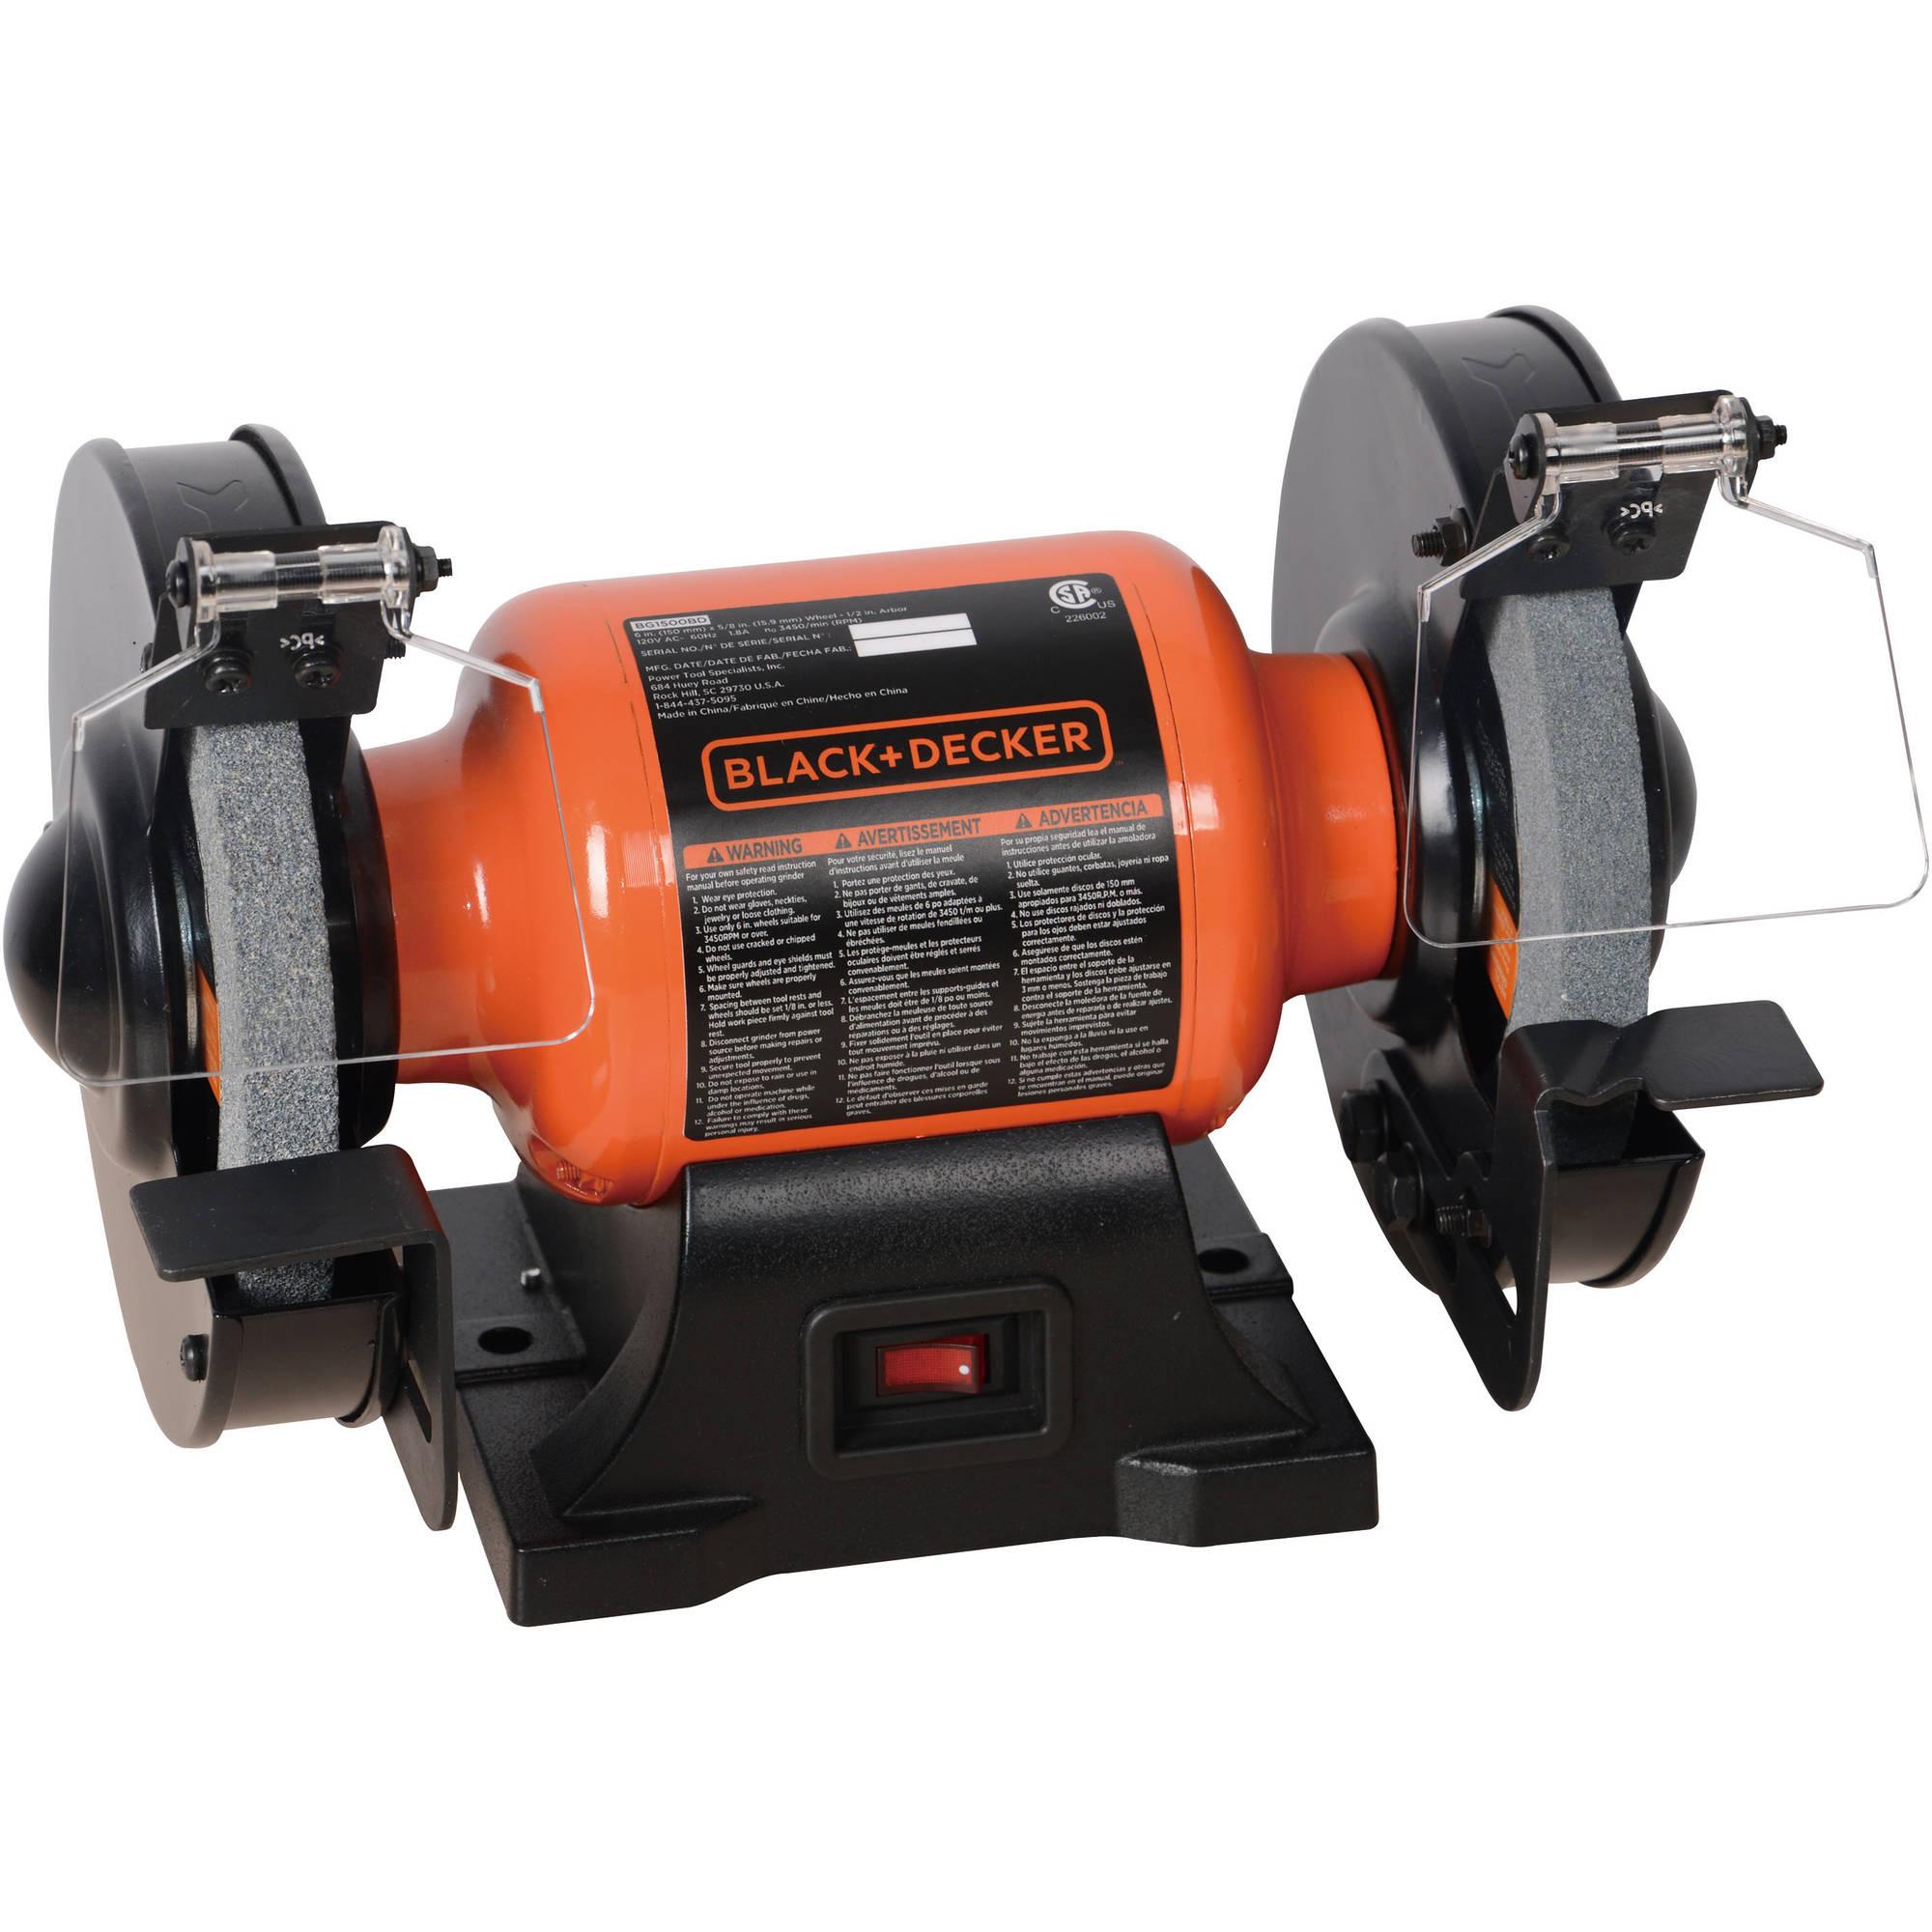 Black And Decker 6 Single Speed Bench Grinder 999150007 Ebay